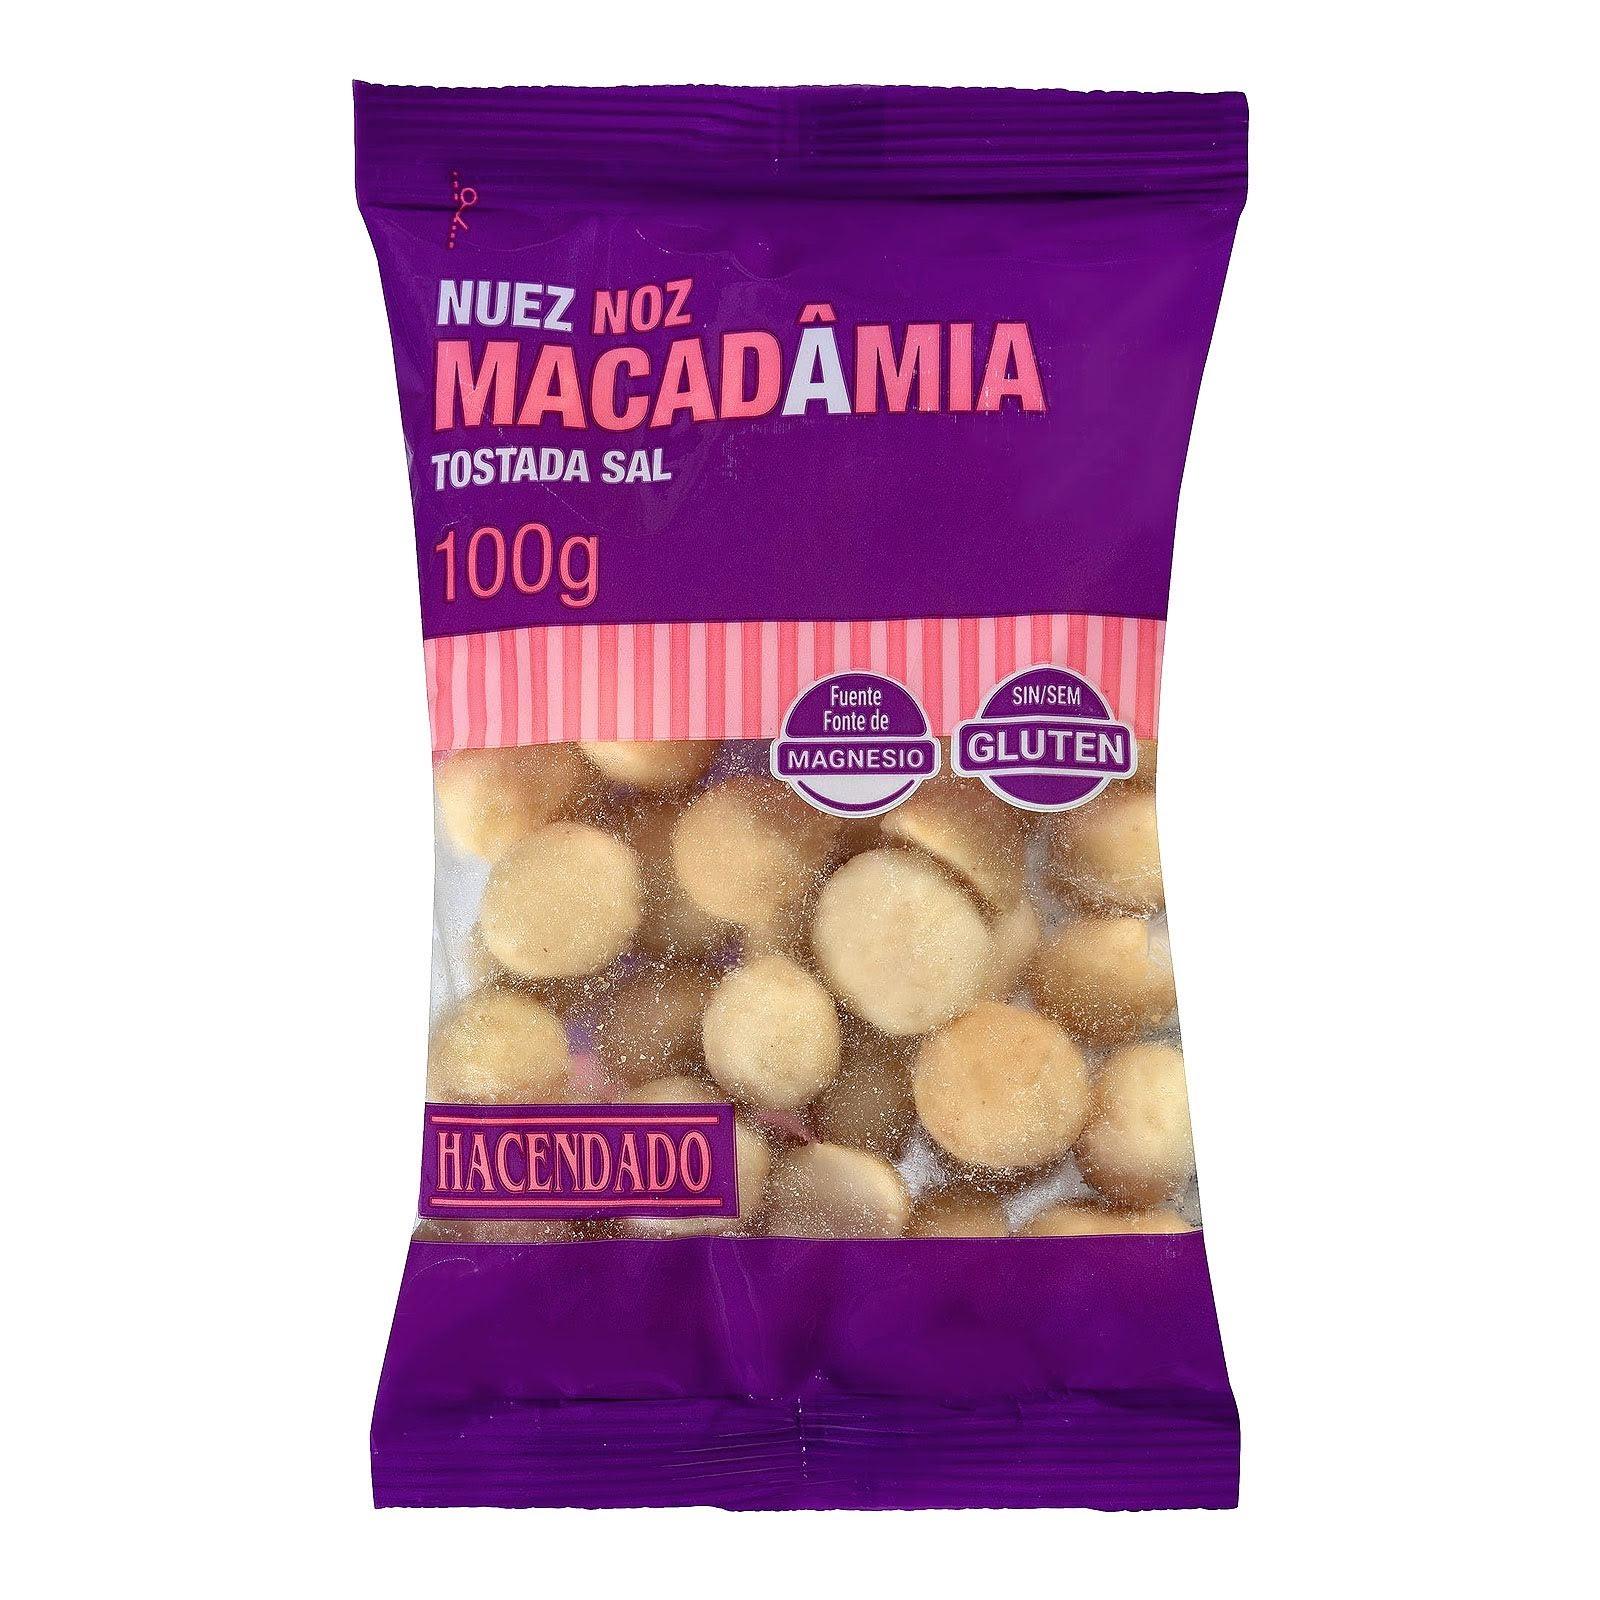 Nuez de Macadamia tostada con sal Hacendado